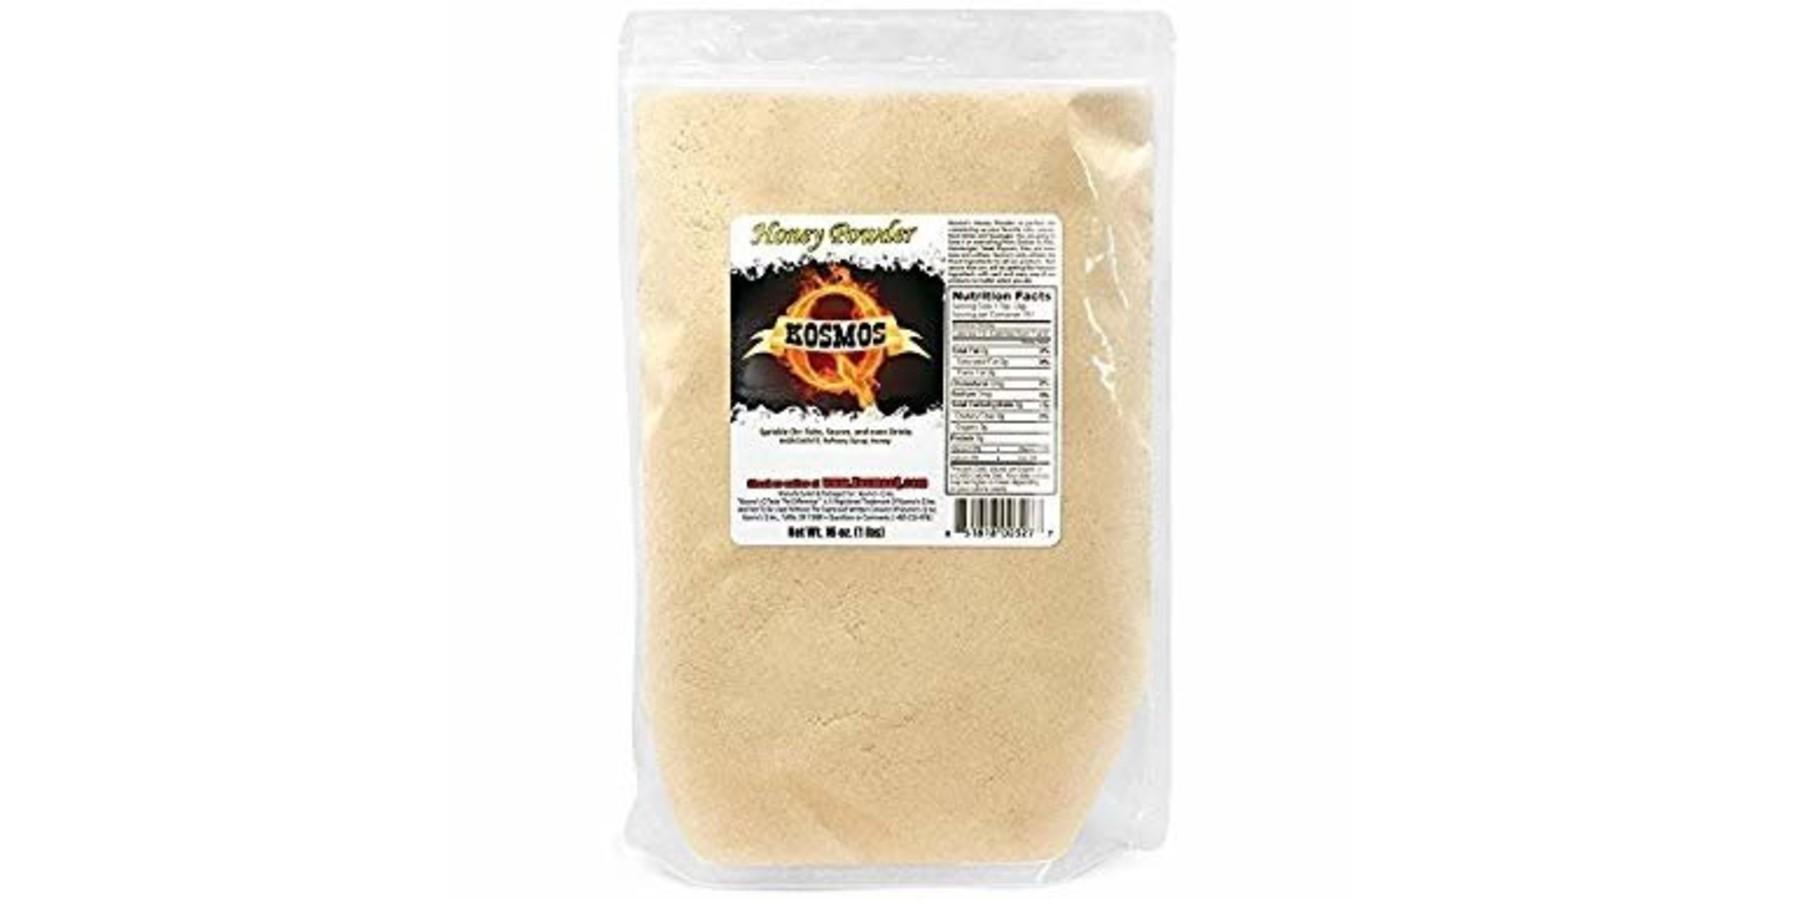 Original Honey Powder